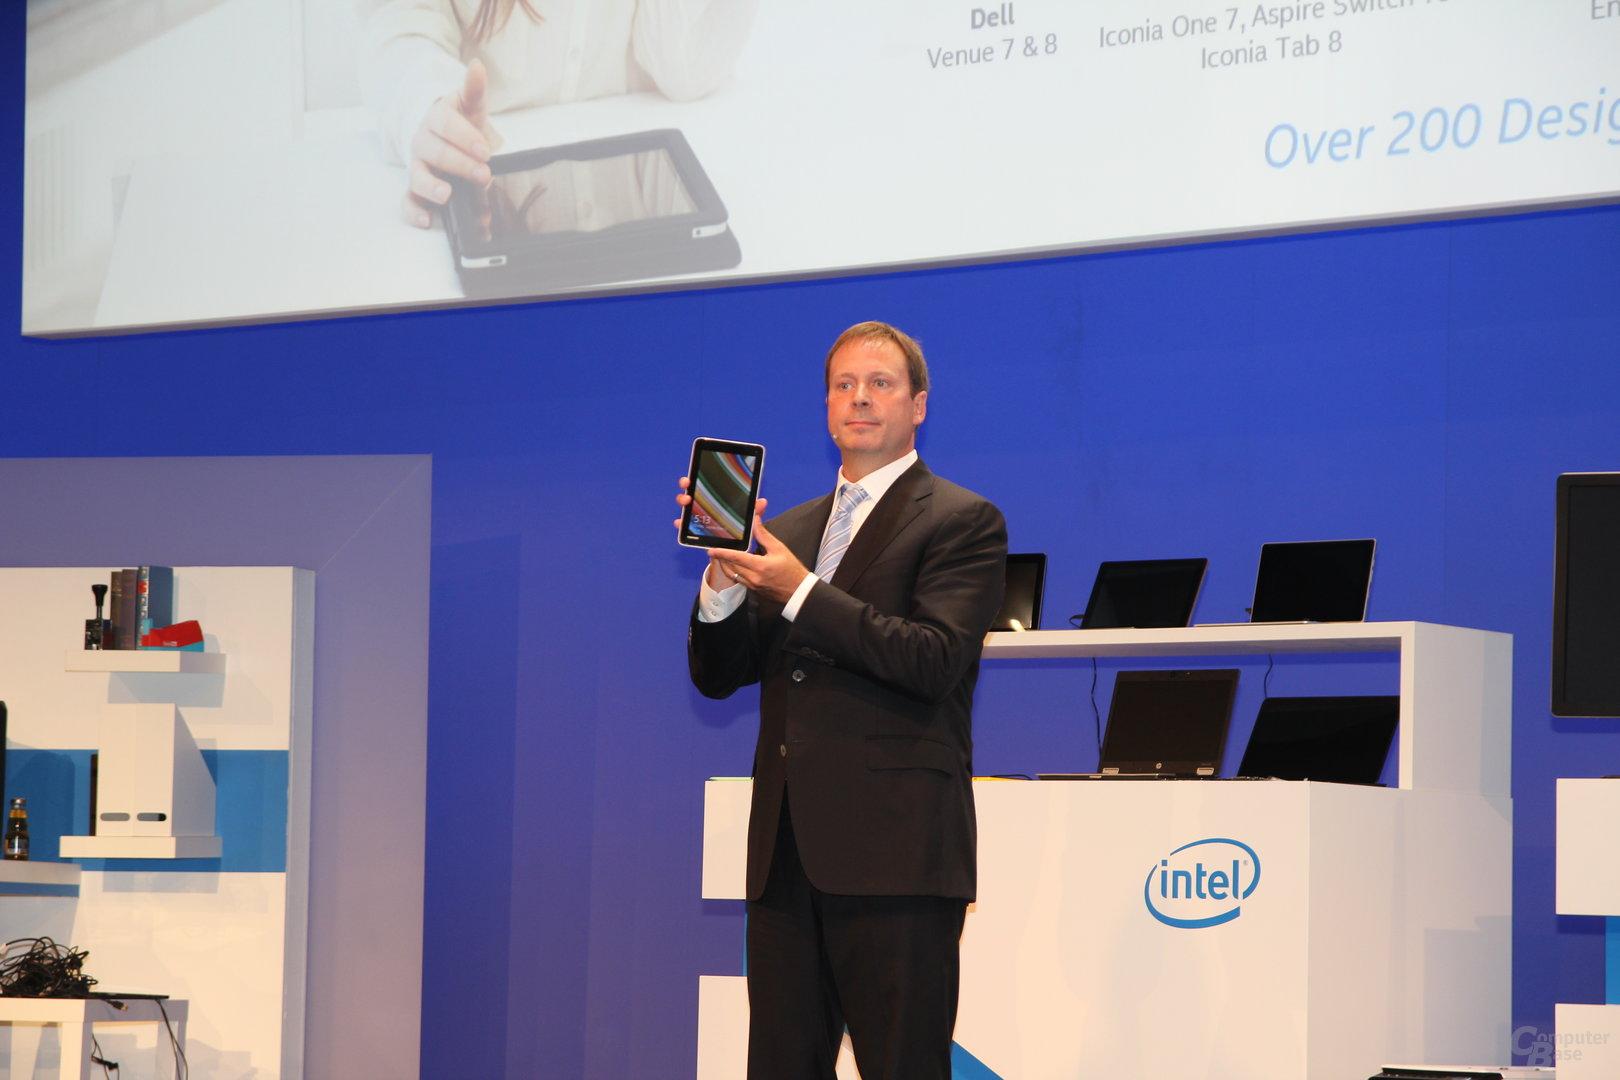 Kirk Skaugen mit Intel-Tablet